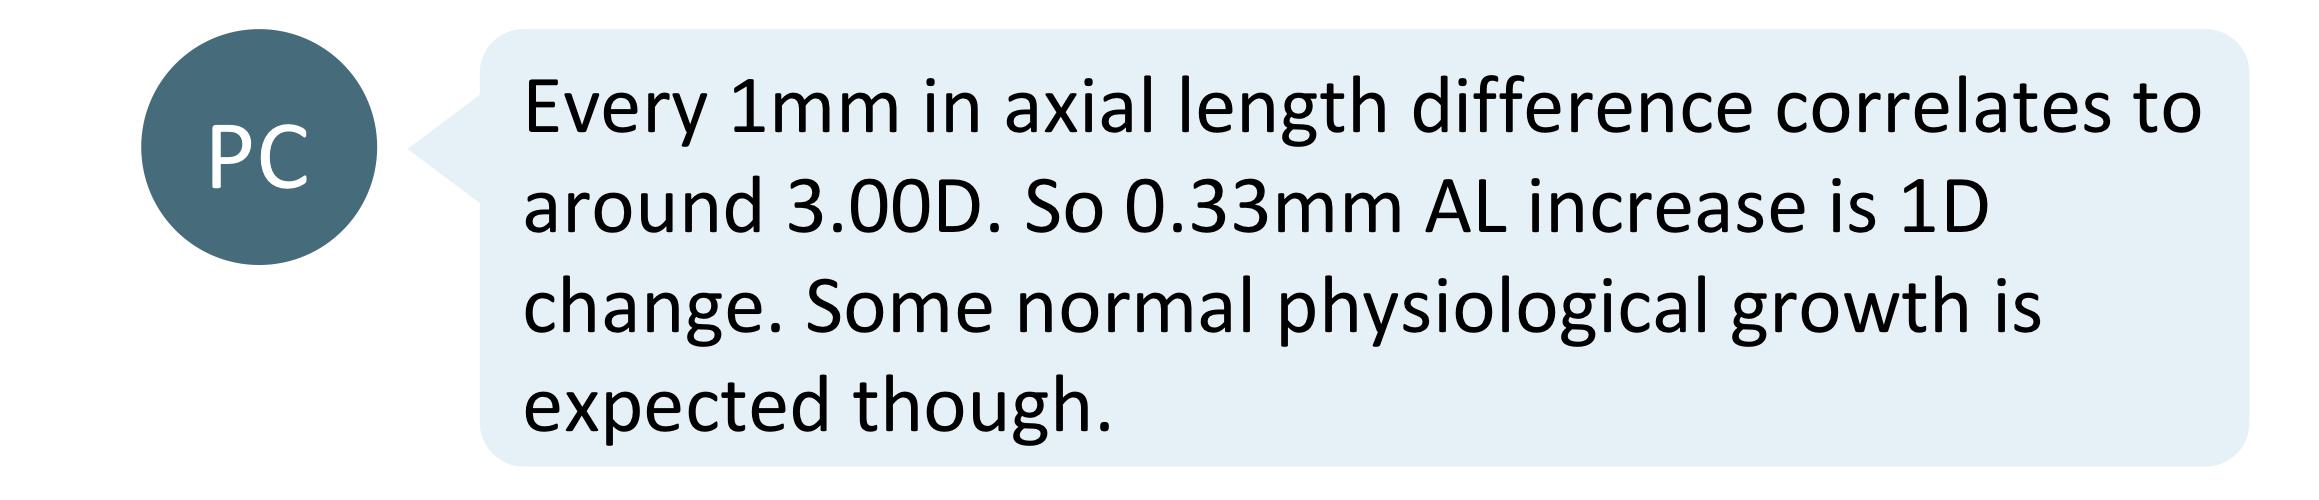 axial length 4